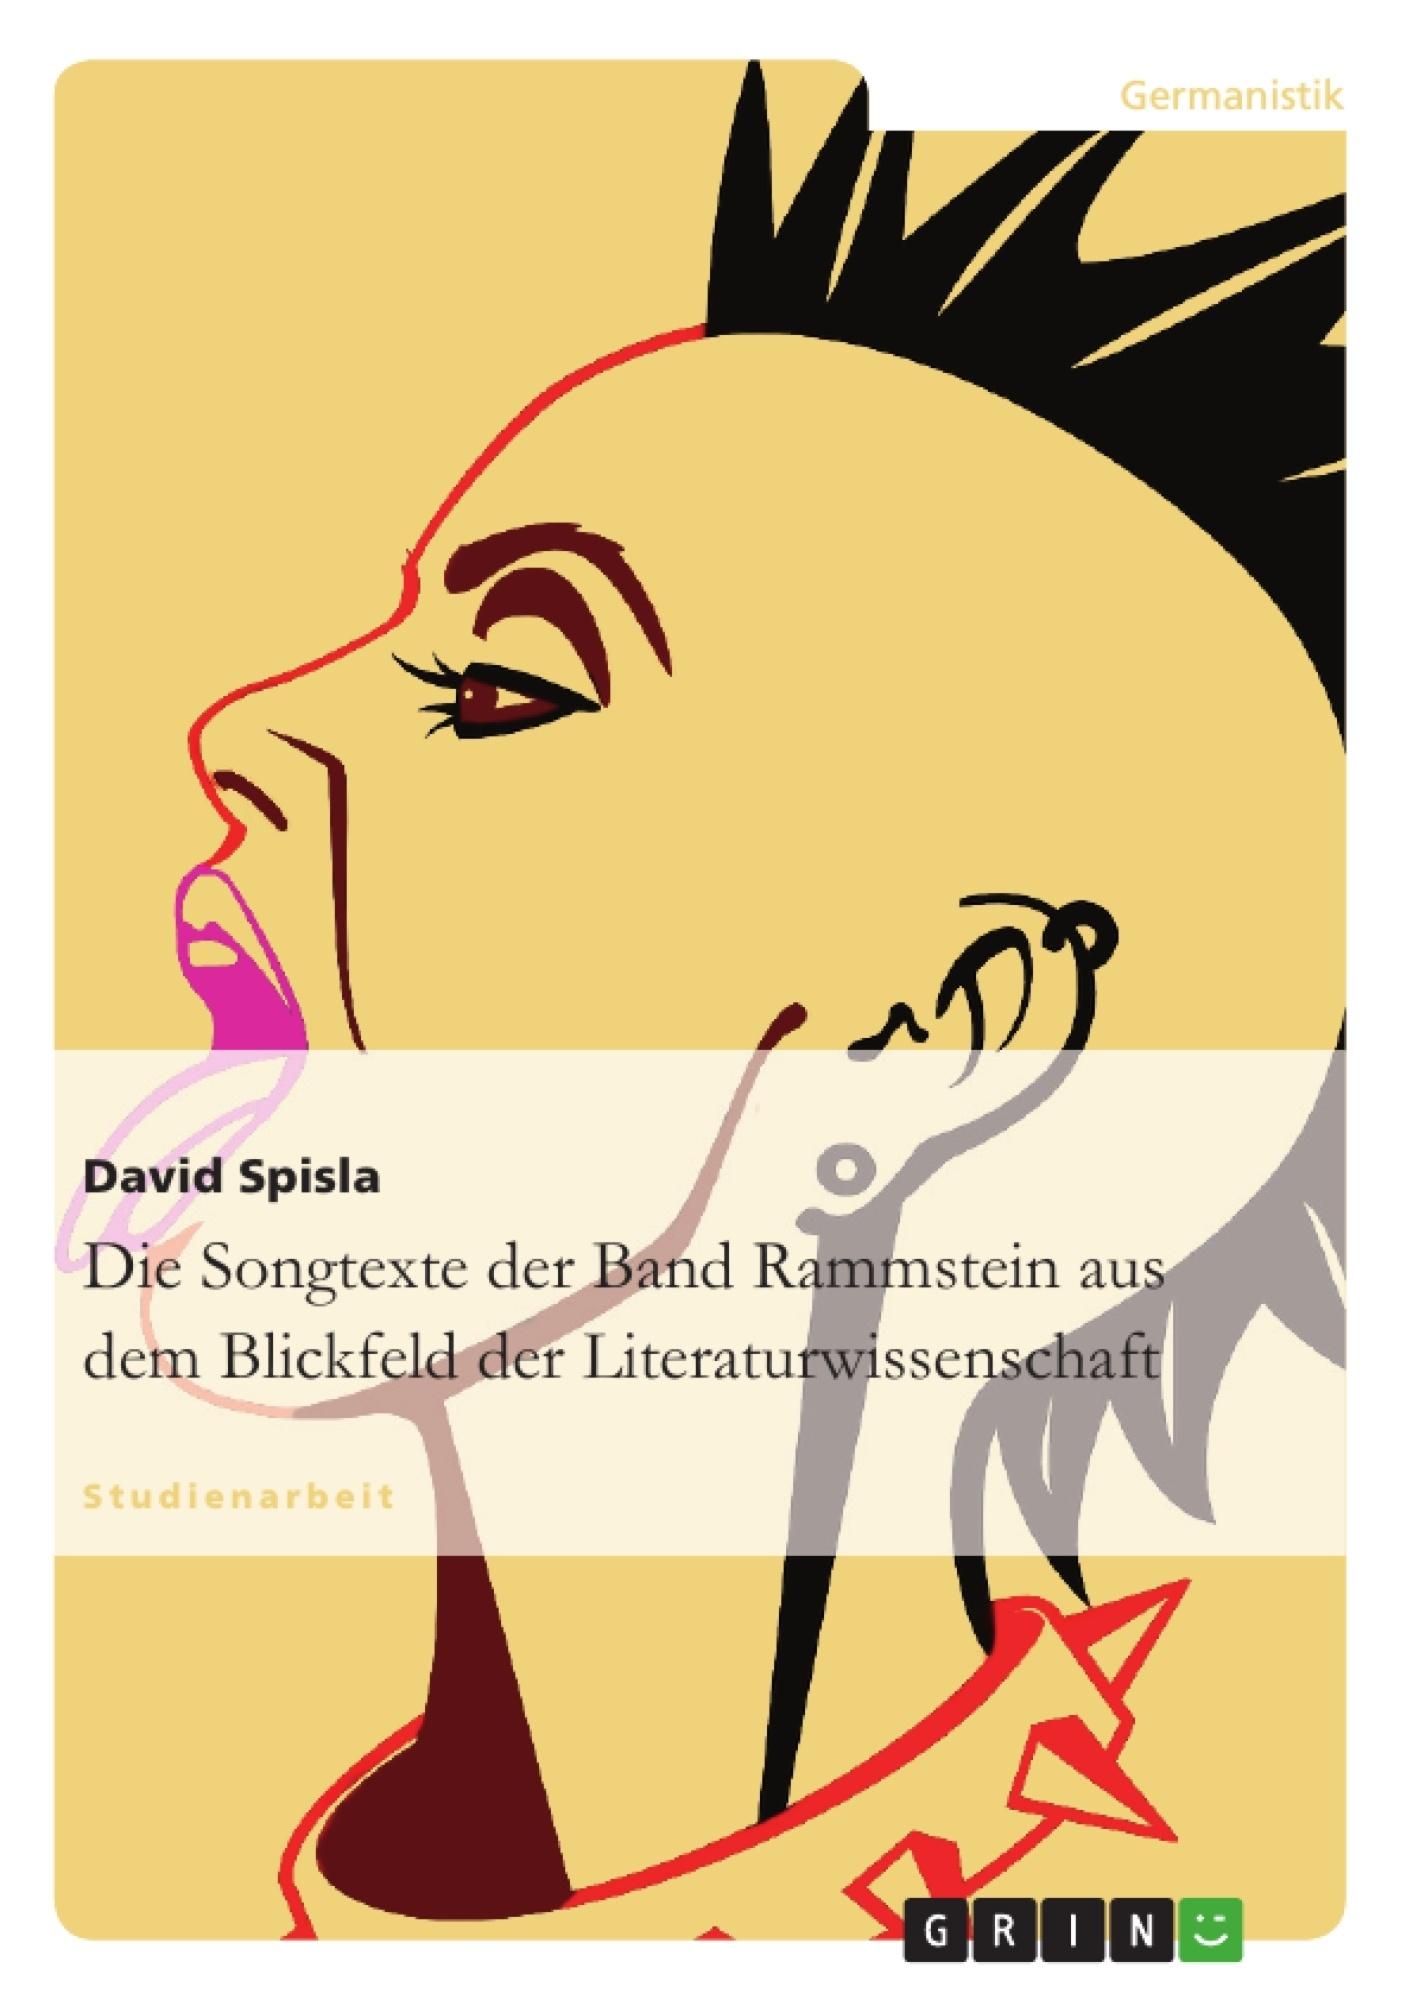 Titel: Die Songtexte der Band Rammstein aus dem Blickfeld der Literaturwissenschaft